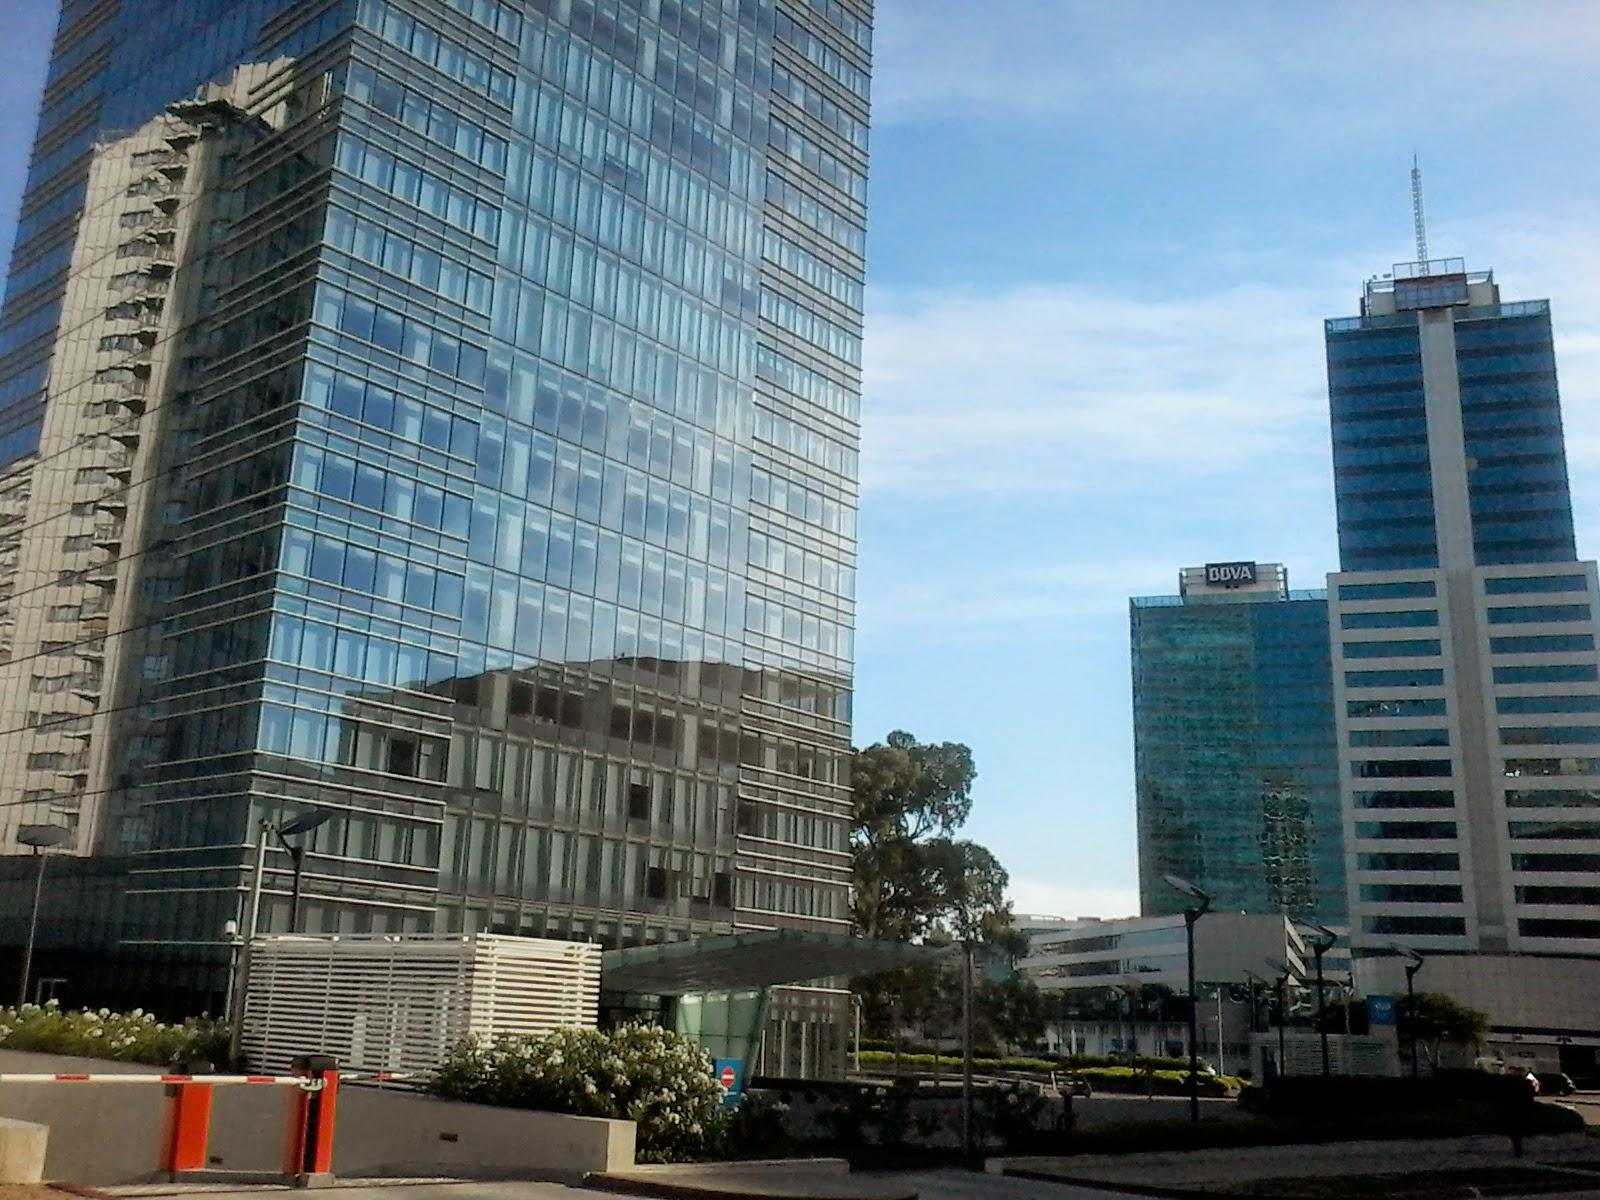 WTC.  Free Zone.